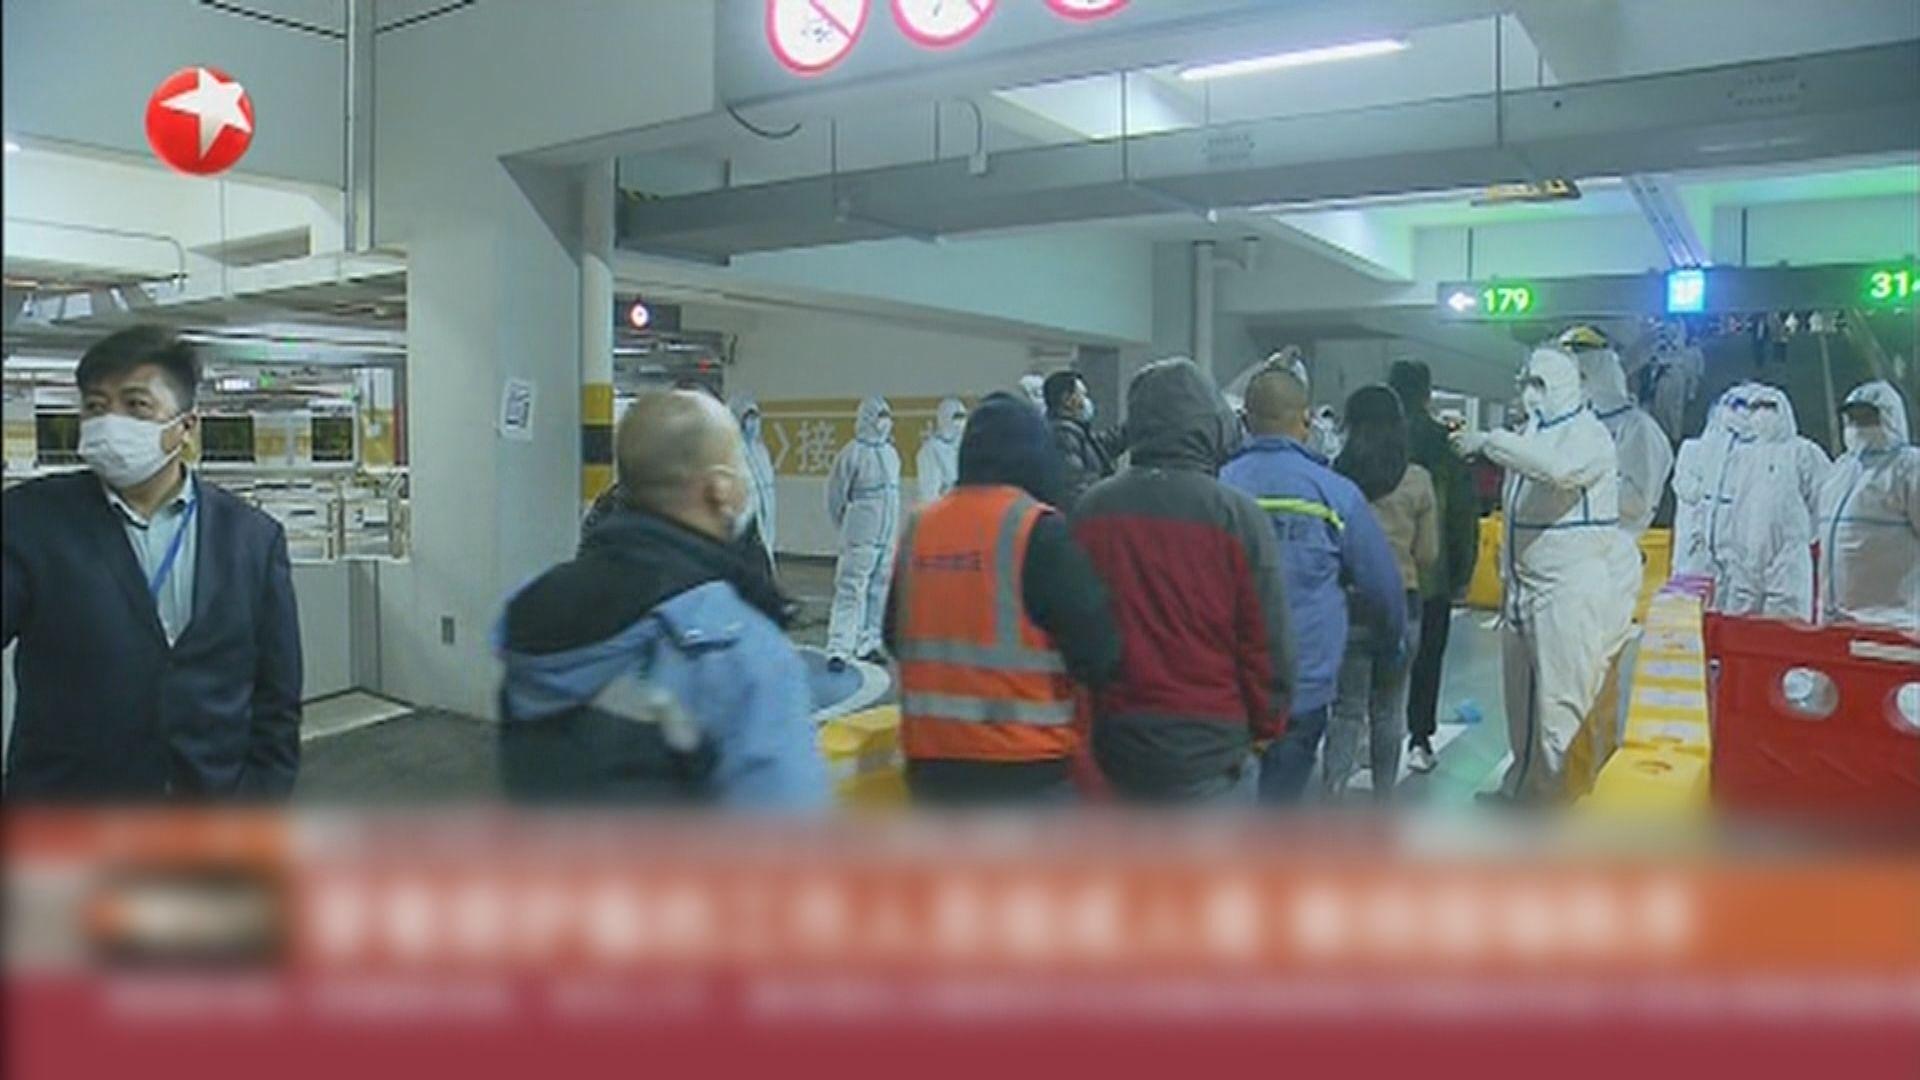 上海疫情反彈 浦東機場大規模核酸檢測場面一度混亂